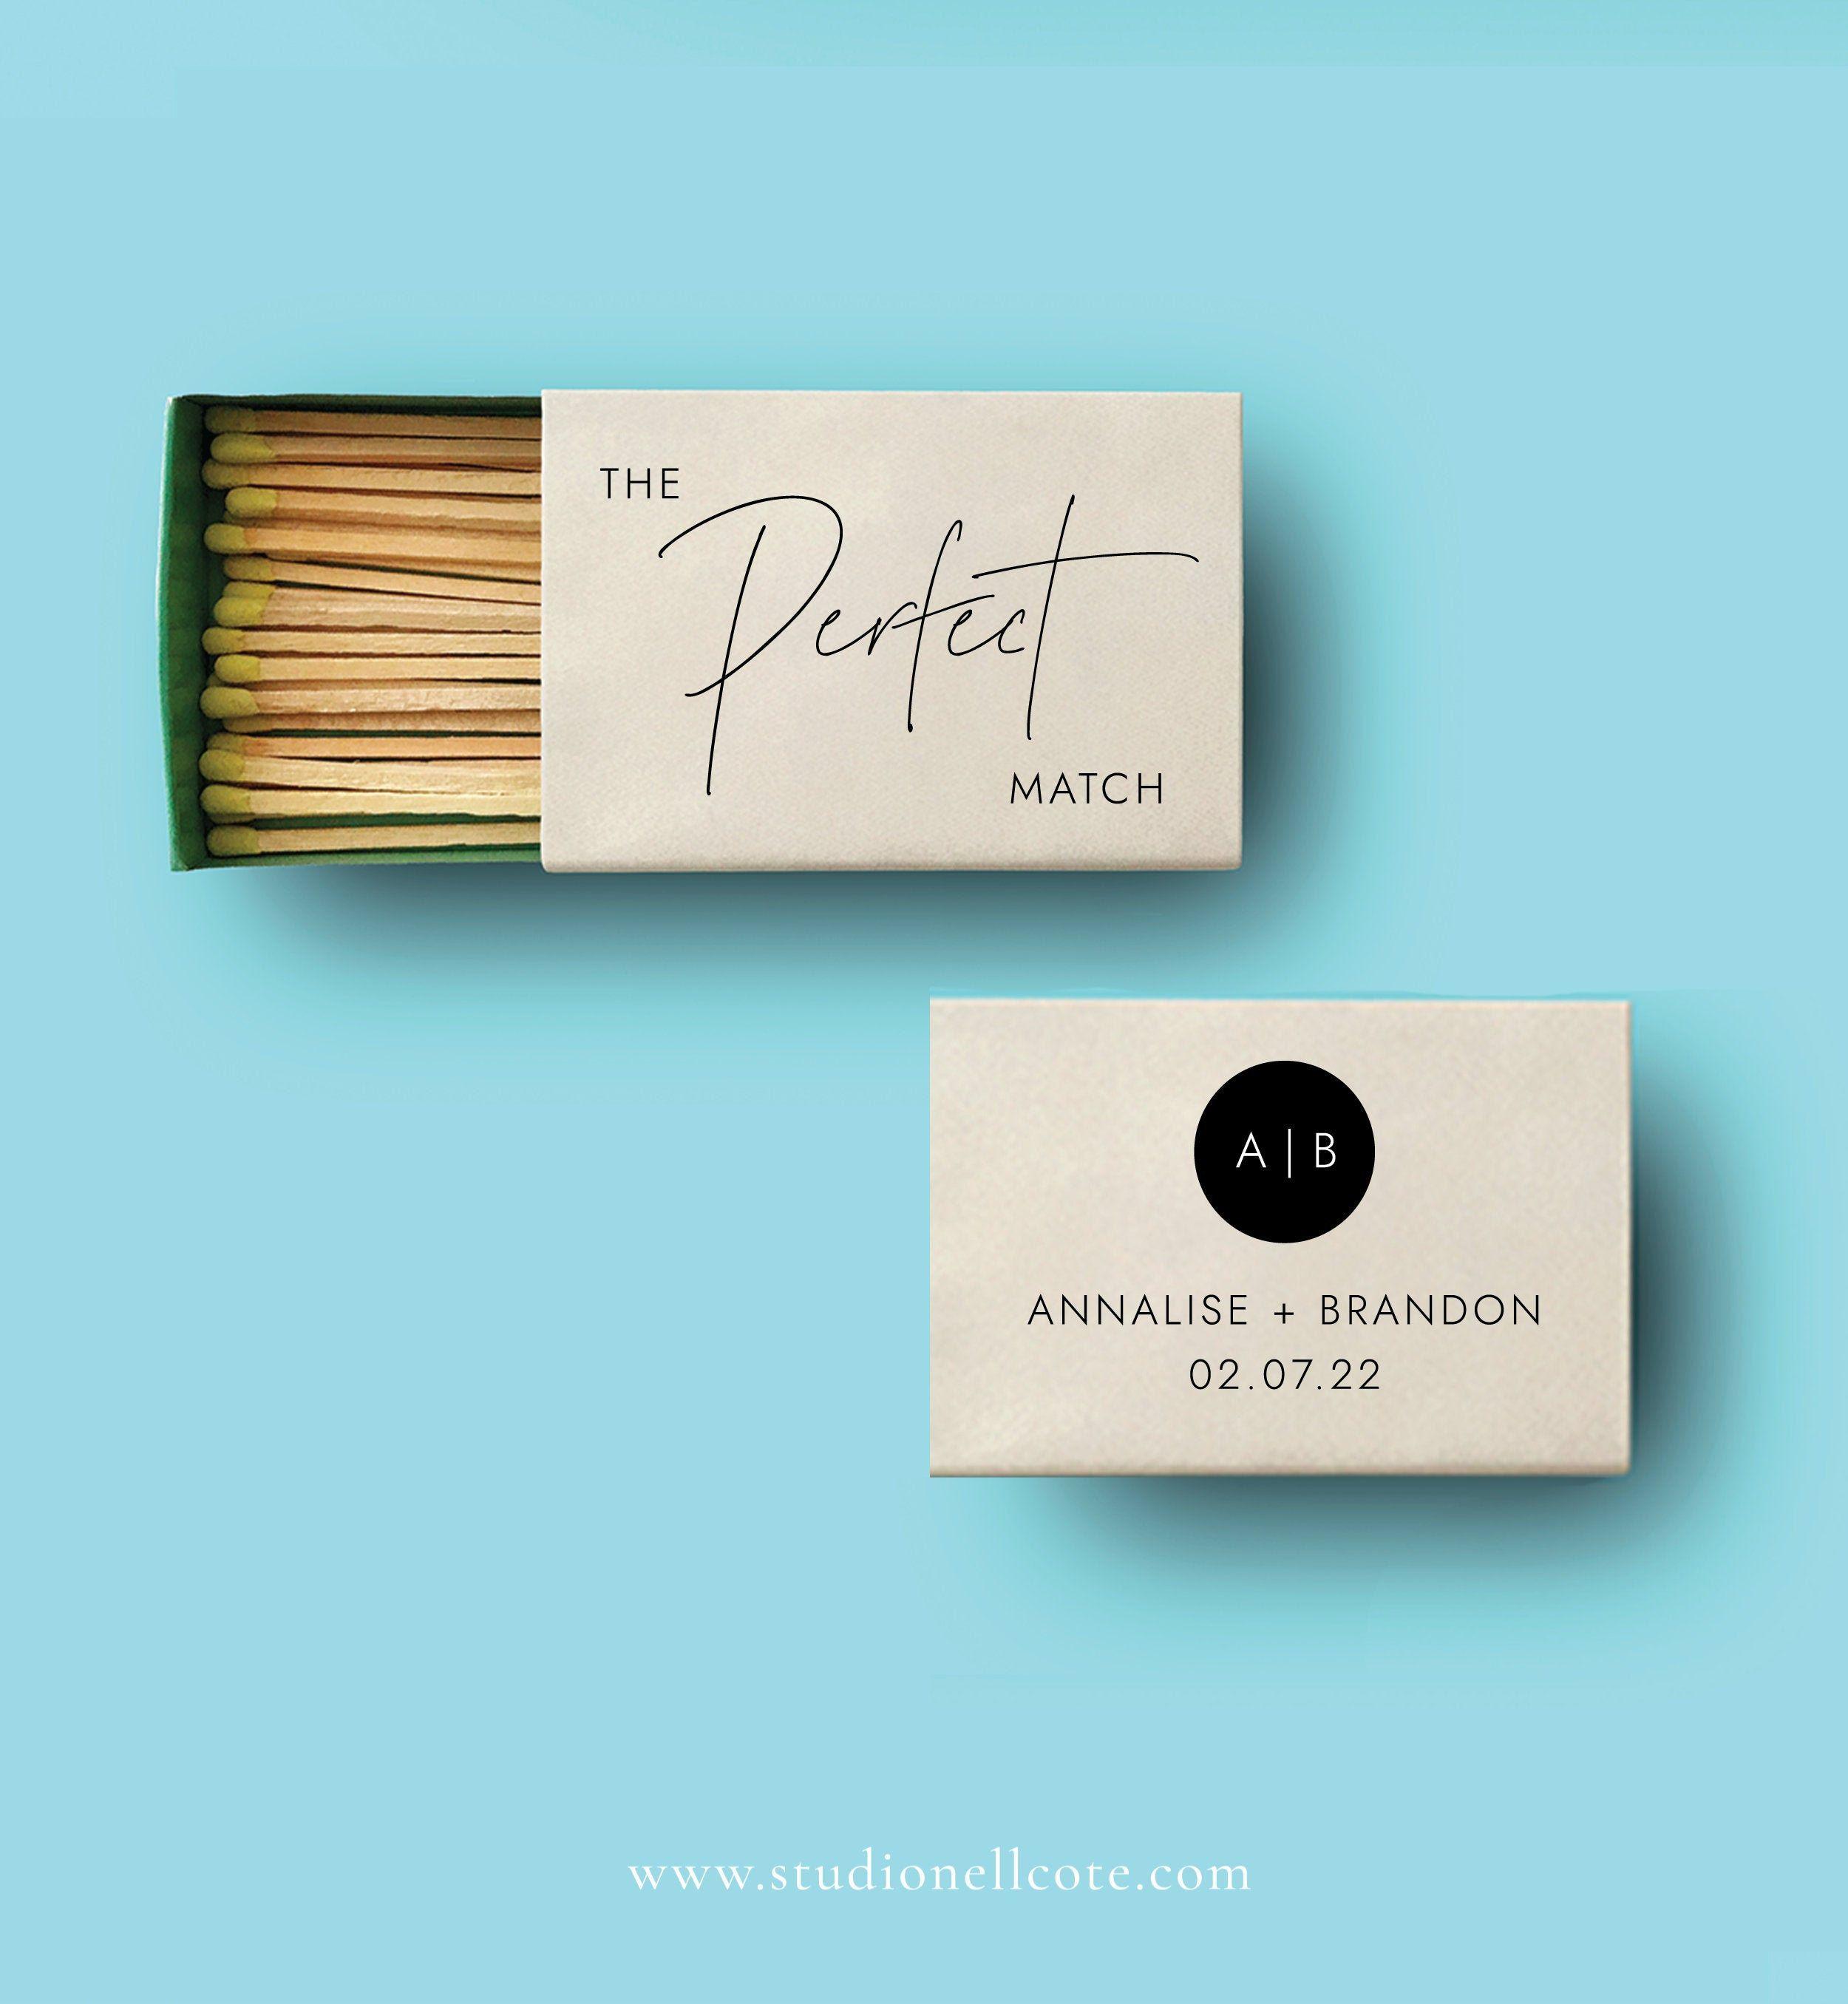 The Perfect Match Template Wedding Matchbox Favor Modern Etsy Wedding Match Boxes Matchbox Wedding Favors Wedding Matches